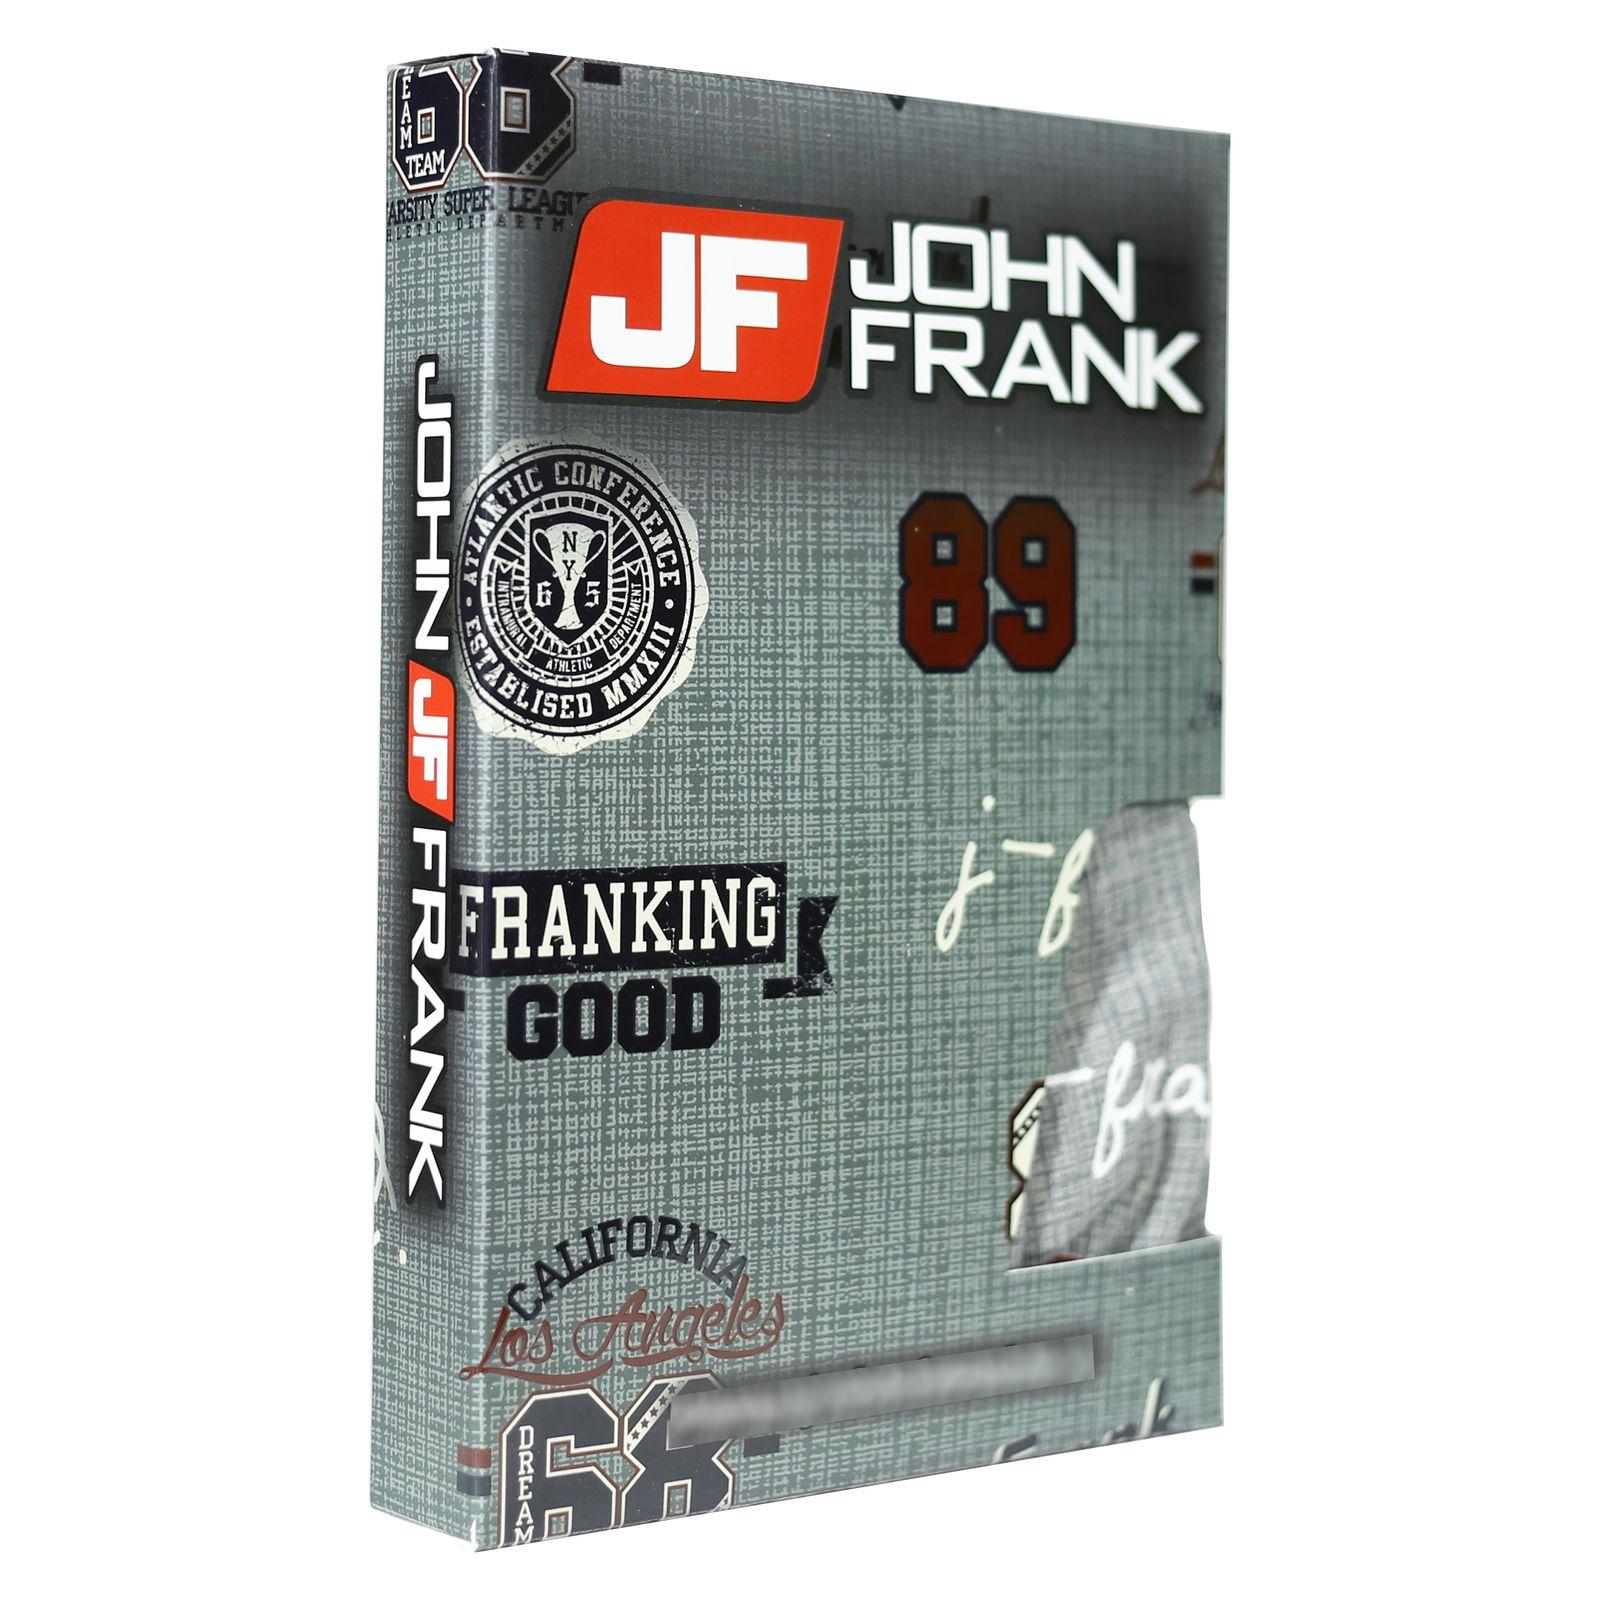 شورت مردانه جان فرانک کد BL-JB 105 -  - 4